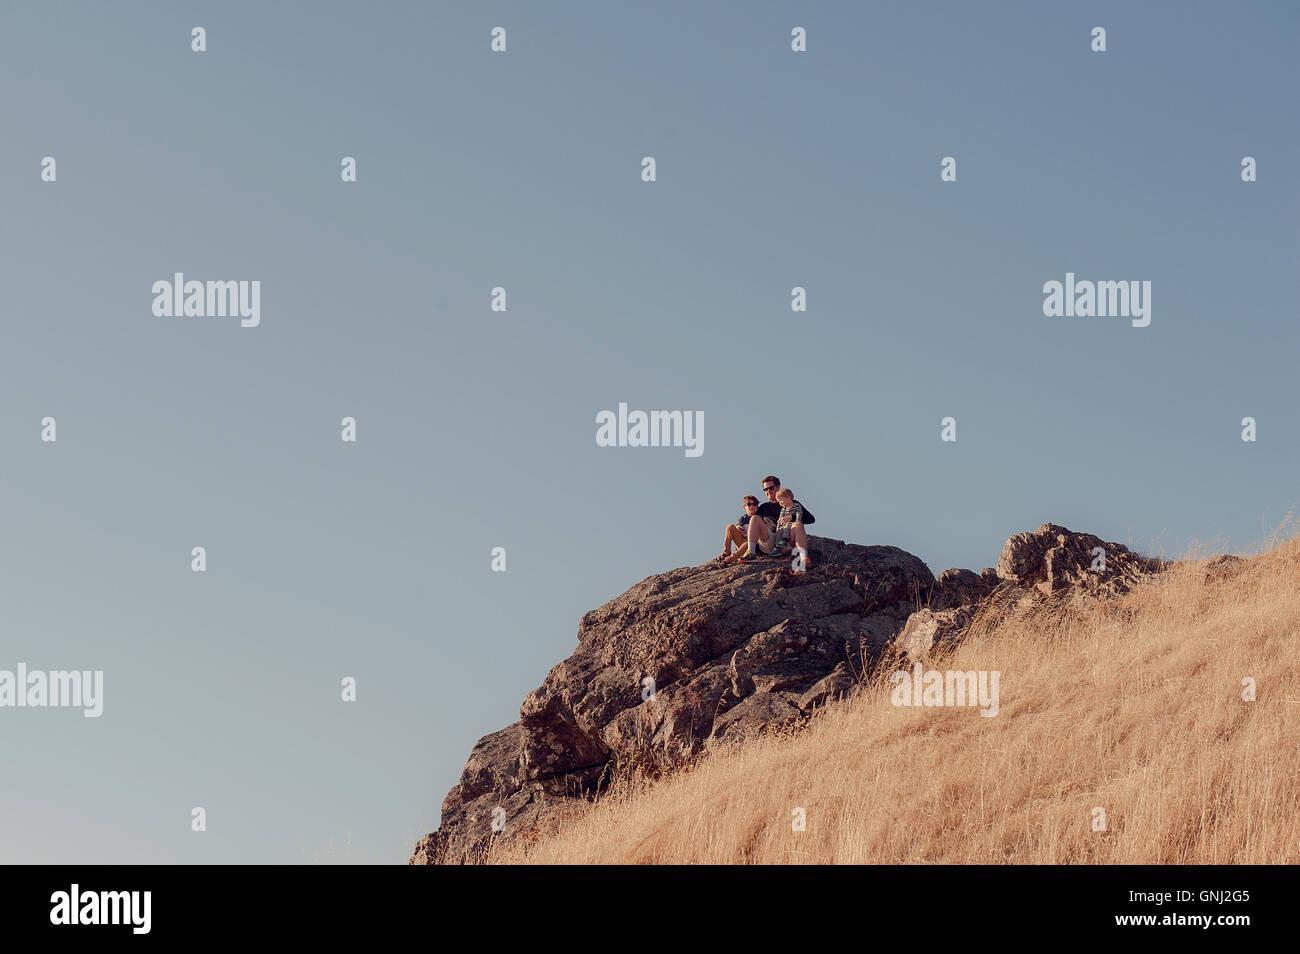 Vater und zwei Söhne auf Felsen sitzend, Mount Tamalpais, Kalifornien, Vereinigte Staaten Stockfoto